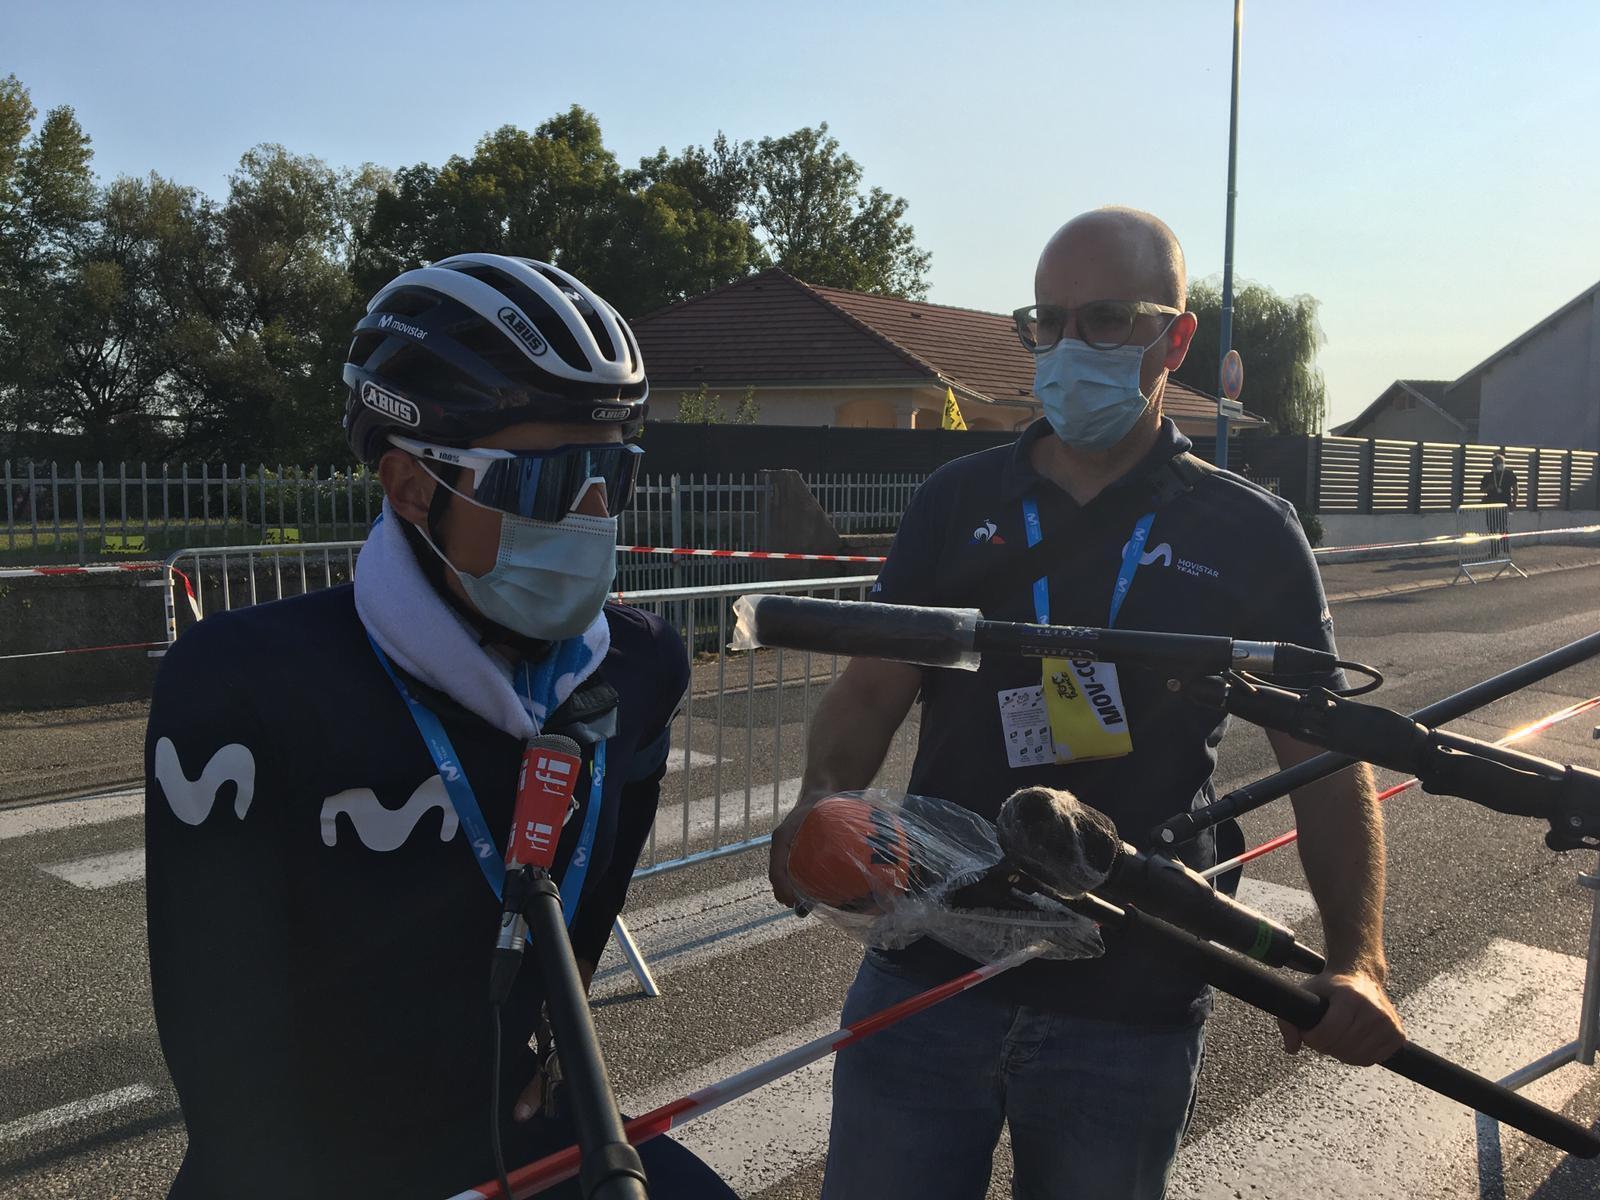 Albert Valero de Movistar acompaña a Enric Mas en la zona mixta de la etapa 14 del Tour de France.